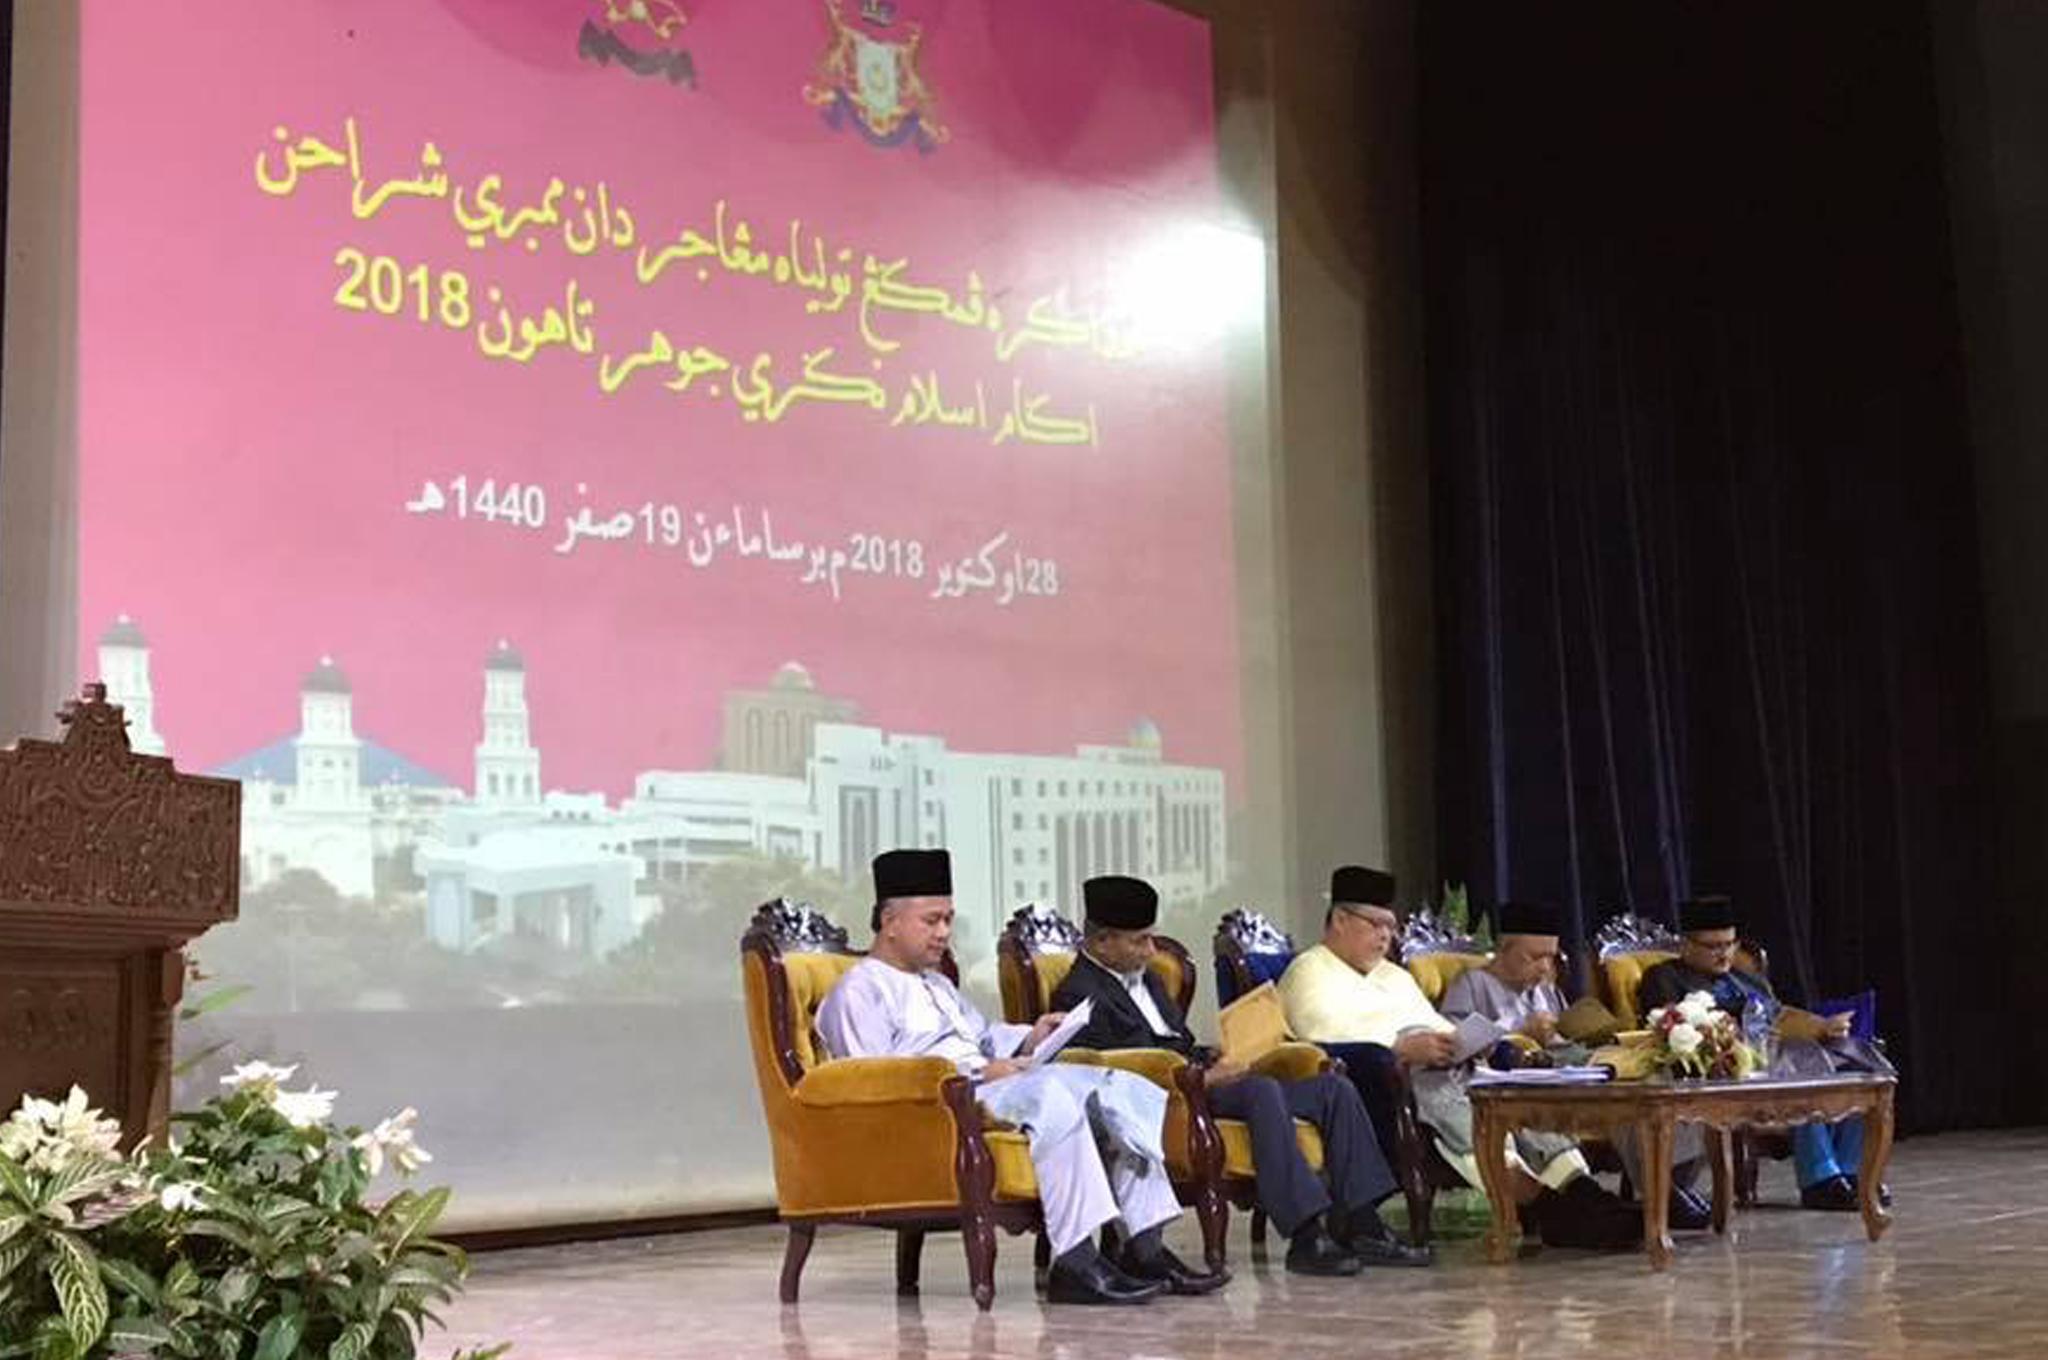 Muzakarah Pemegang Tauliah Mengajar dan Memberi Syarahan Agama Islam Negeri Johor bagi tahun 2018 pada 28 Oktober 2018.